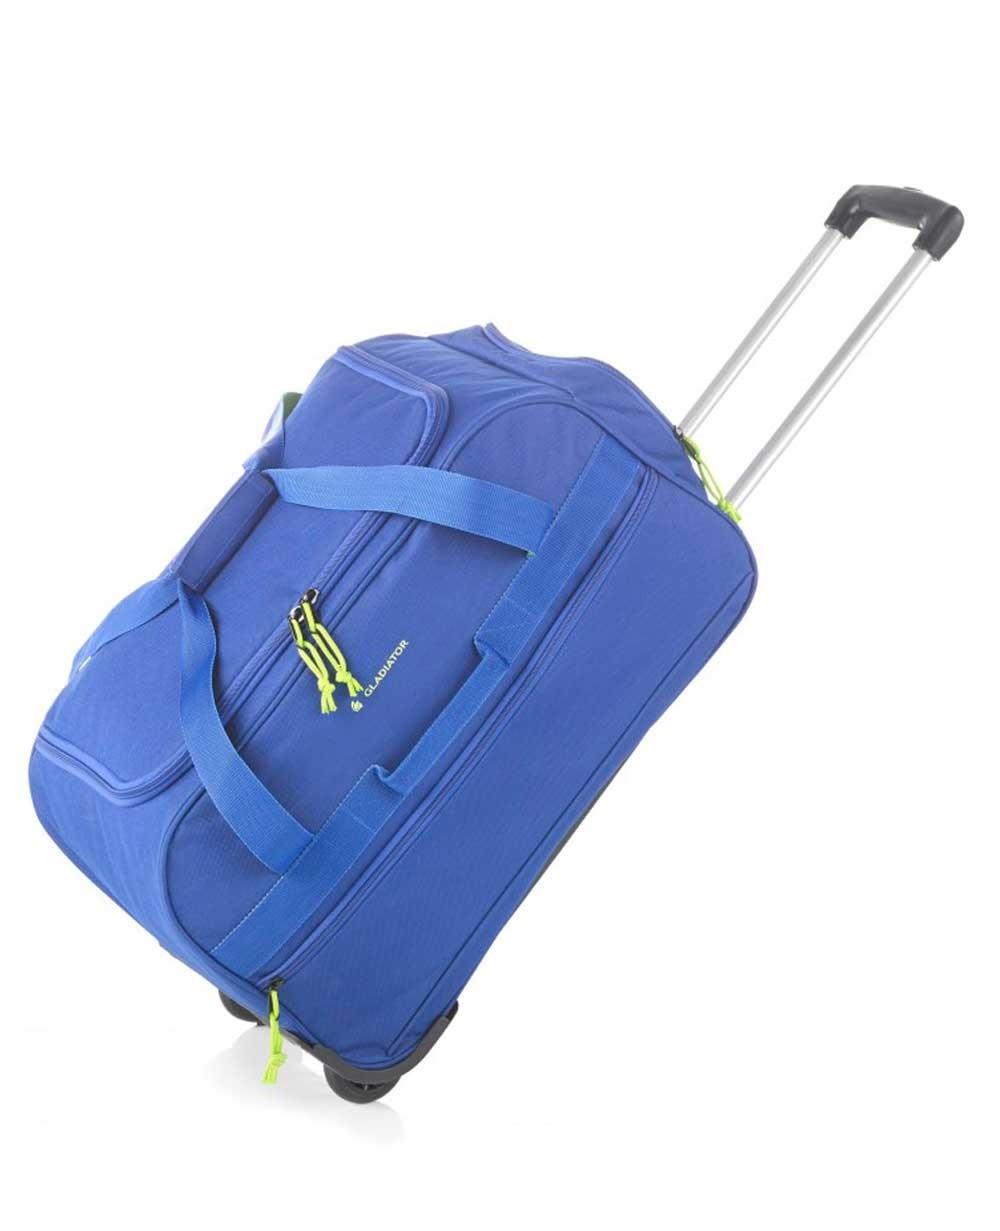 Gladiator Expedition M Bolsa de Viaje con Ruedas Azul (Foto )